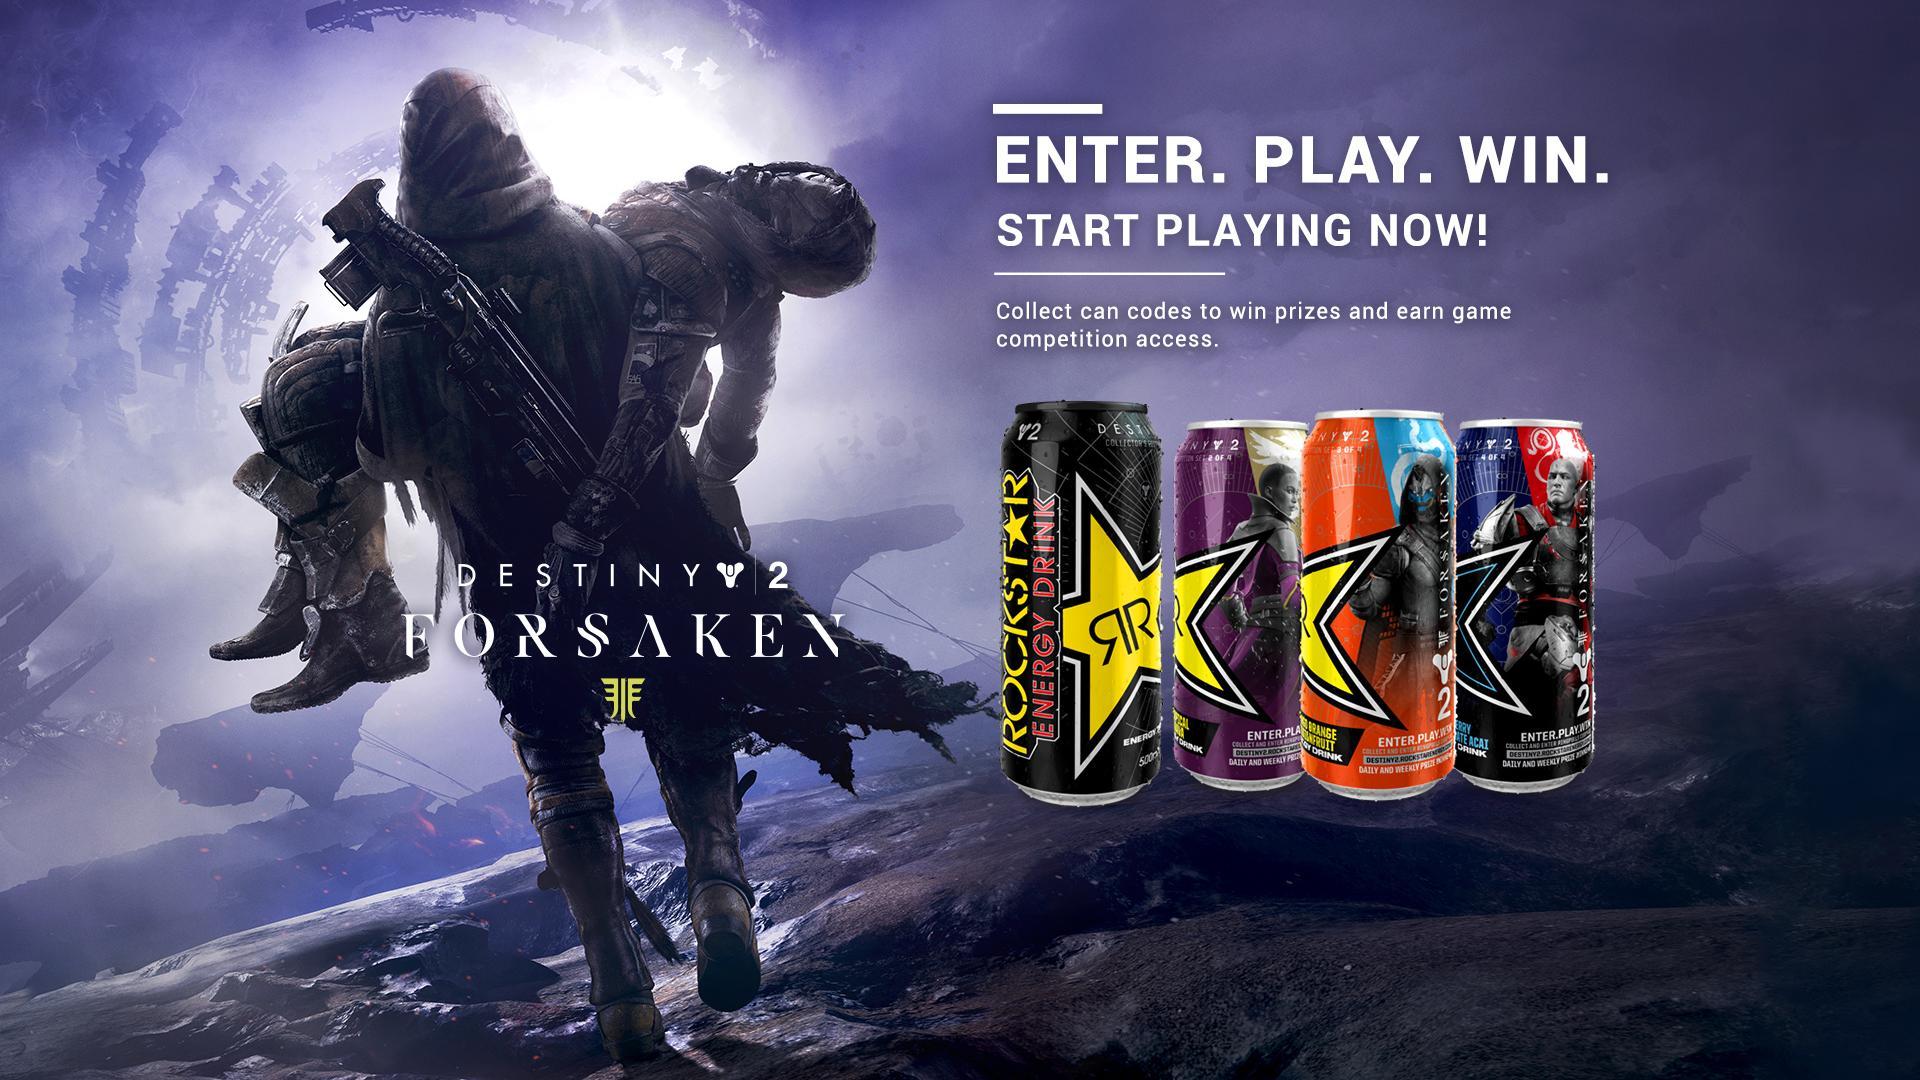 Start Playing Now: Destiny 2 Forsaken